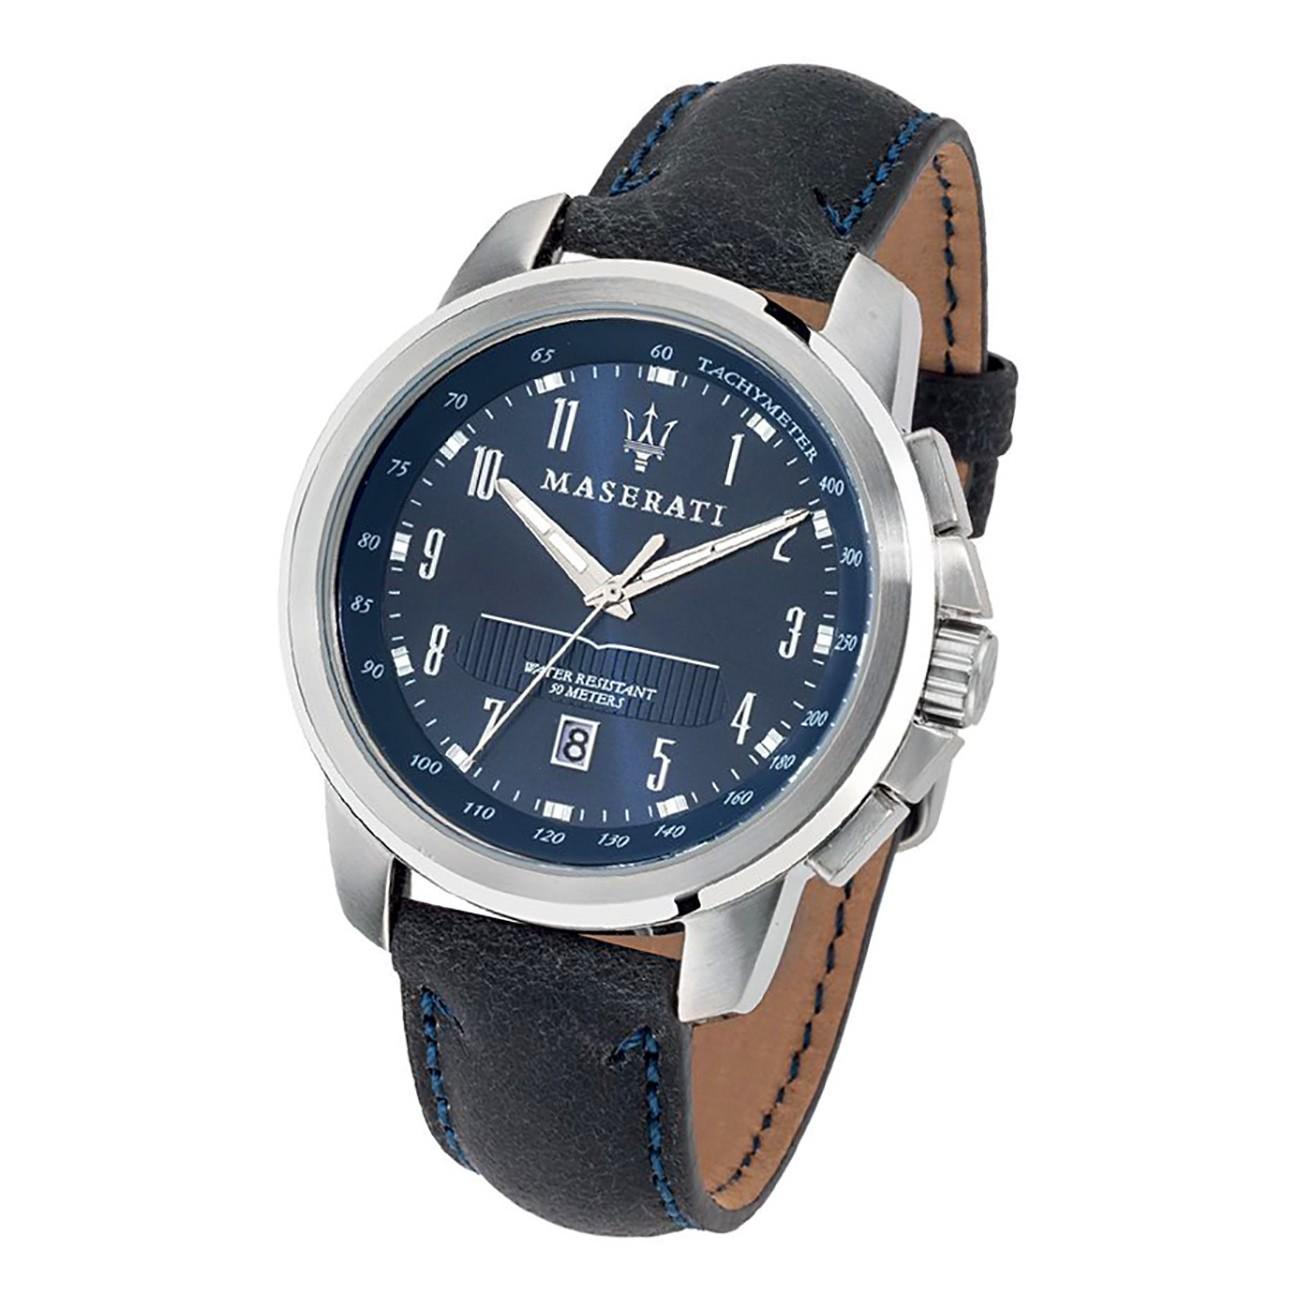 Maserati Herren Armbanduhr Successo Analog Leder blau UMAR8851121003